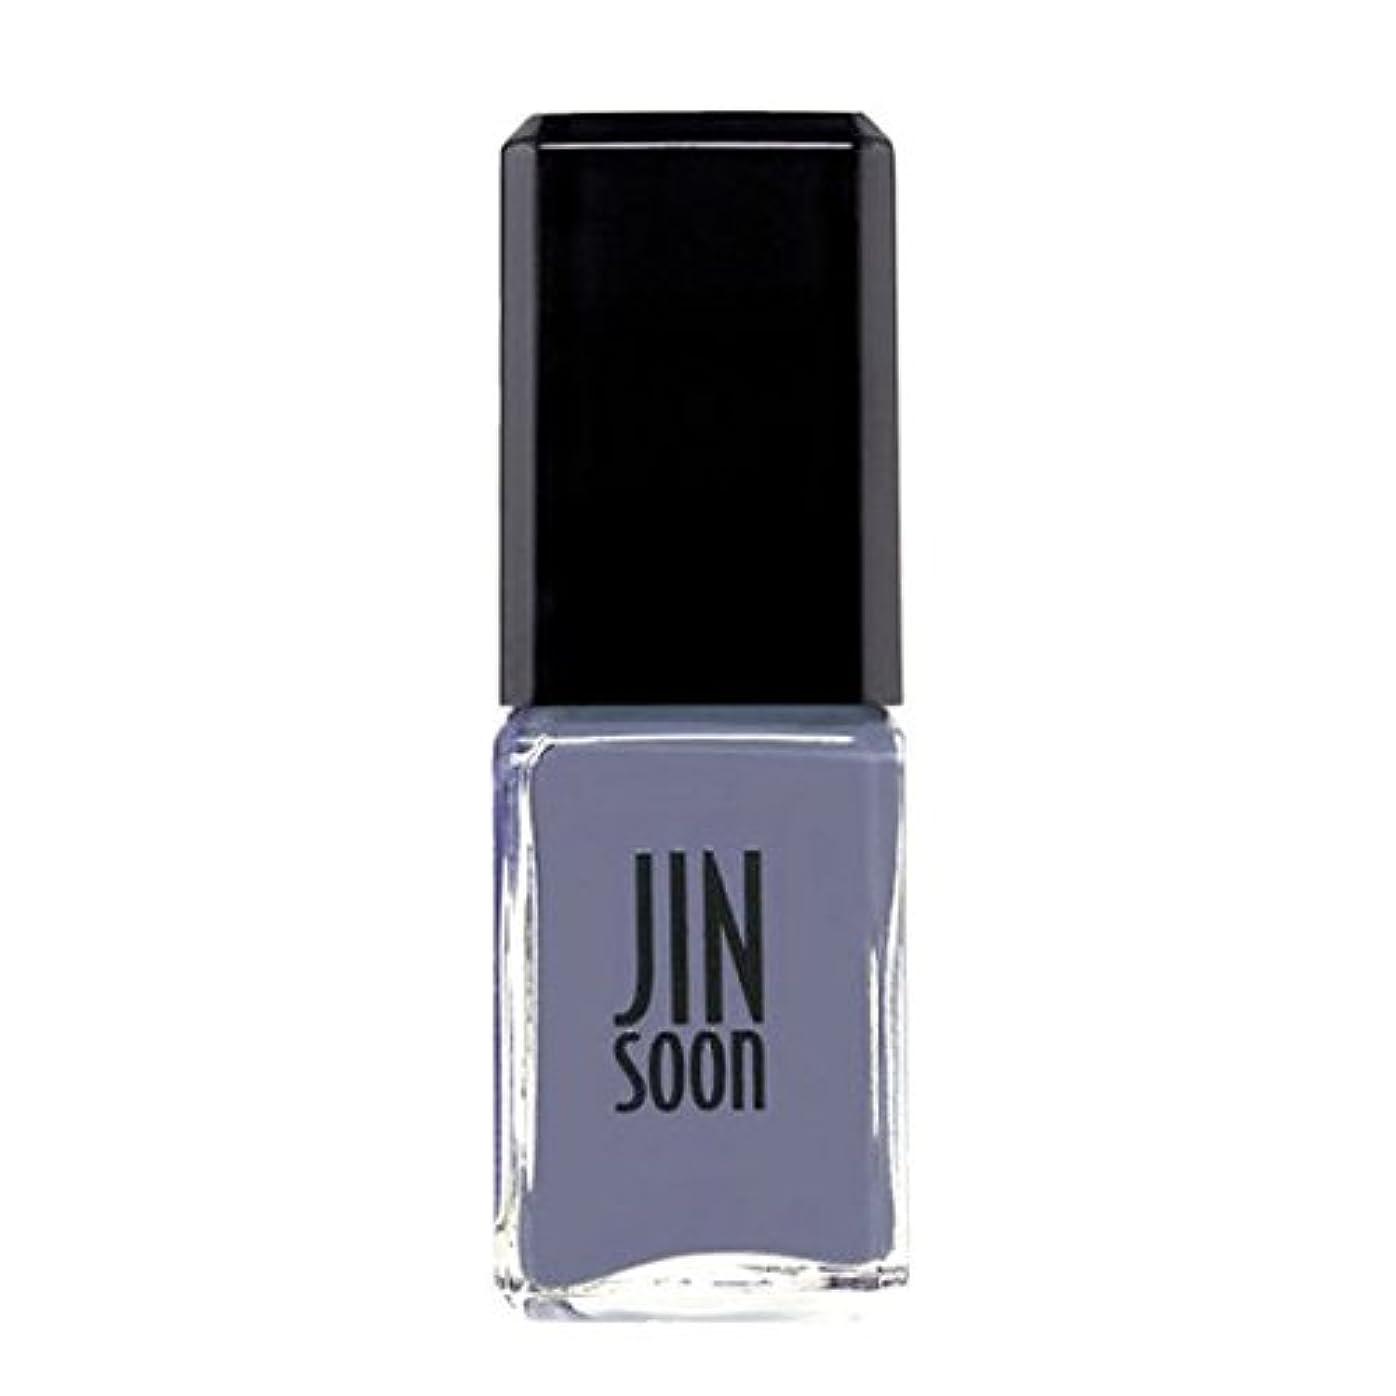 原始的な性的引き潮[ジンスーン] [ jinsoon] ダンディ(パープルブルー) DANDY ジンスーン 5フリー ネイルポリッシュ ネイルカラー系統:パープルブルー 11mL